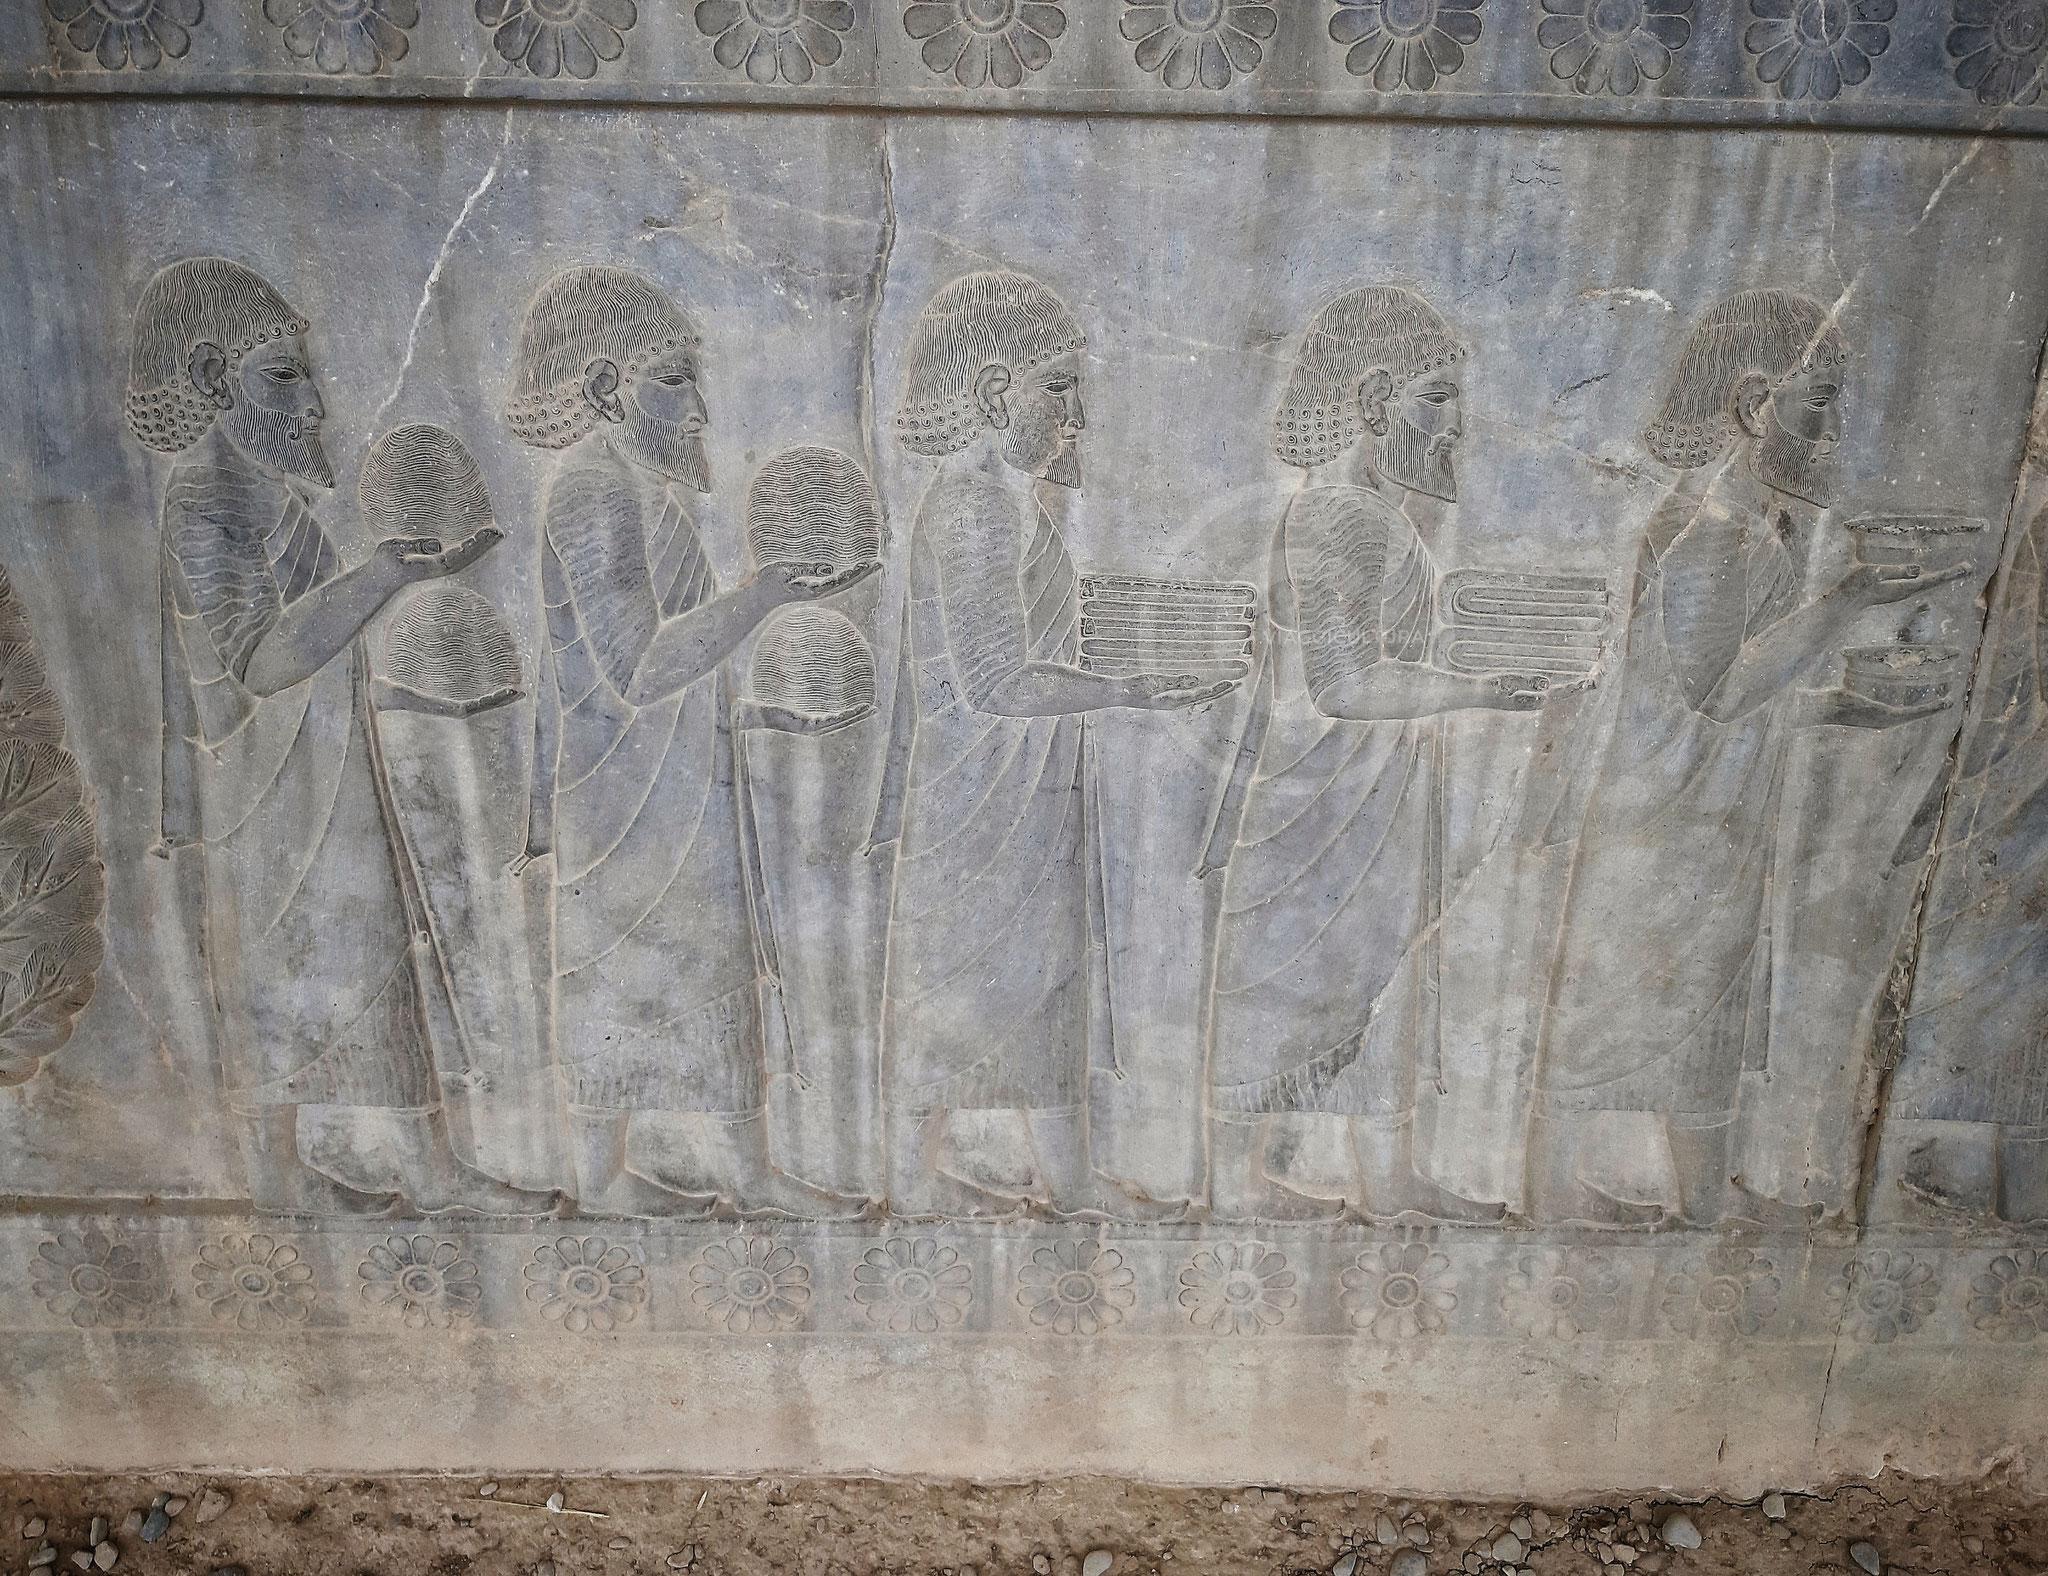 Vassalli ioni che portano in dono delle coppe, due rotoli di stoffa di lana, una tunica pregiata e delle matasse di lana filata dai colori rari, Palazzo Apadana - Persepoli (Iran)